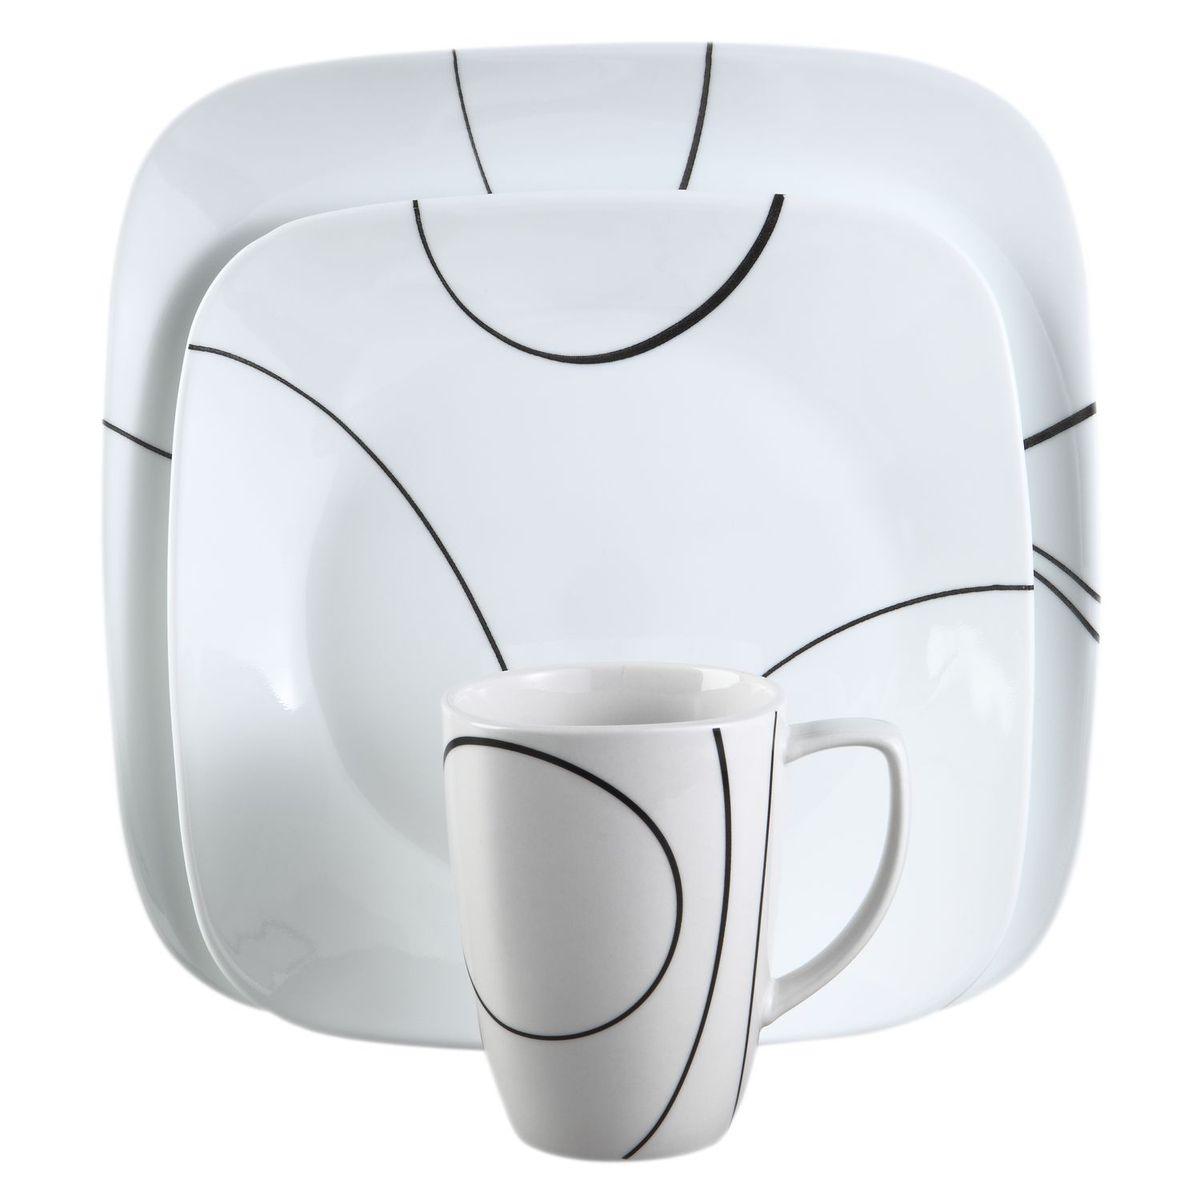 Набор посуды Simple Lines 16пр, цвет: белый с узором1069983Преимуществами посуды Corelle являются долговечность, красота и безопасность в использовании. Вся посуда Corelle изготавливается из высококачественного ударопрочного трехслойного стекла Vitrelle и украшена деколями американских и европейских дизайнеров. Рисунки не стираются и не царапаются, не теряют свою яркость на протяжении многих лет. Посуда Corelle не впитывает запахов и очень долгое время выглядит как новая. Уникальная эмаль, используемая во время декорирования, фактически становится единым целым с поверхностью стекла, что гарантирует долгое сохранение нанесенного рисунка. Еще одним из главных преимуществ посуды Corelle является ее безопасность. В производстве используются только безопасные для пищи пигменты эмали, при производстве посуды не применяется вредный для здоровья человека меламин. Изделия из материала Vitrelle: Прочные и легкие; Выдерживают температуру до 180С; Могут использоваться в посудомоечной машине и микроволновой печи; Штабелируемые; Устойчивы к царапинам; Ударопрочные; Не содержит меламин.4 обеденные тарелки 26 см; 4 закусочные тарелки 22 см; 4 суповые тарелки 650 мл; 4 фарфоровые кружки 350 мл